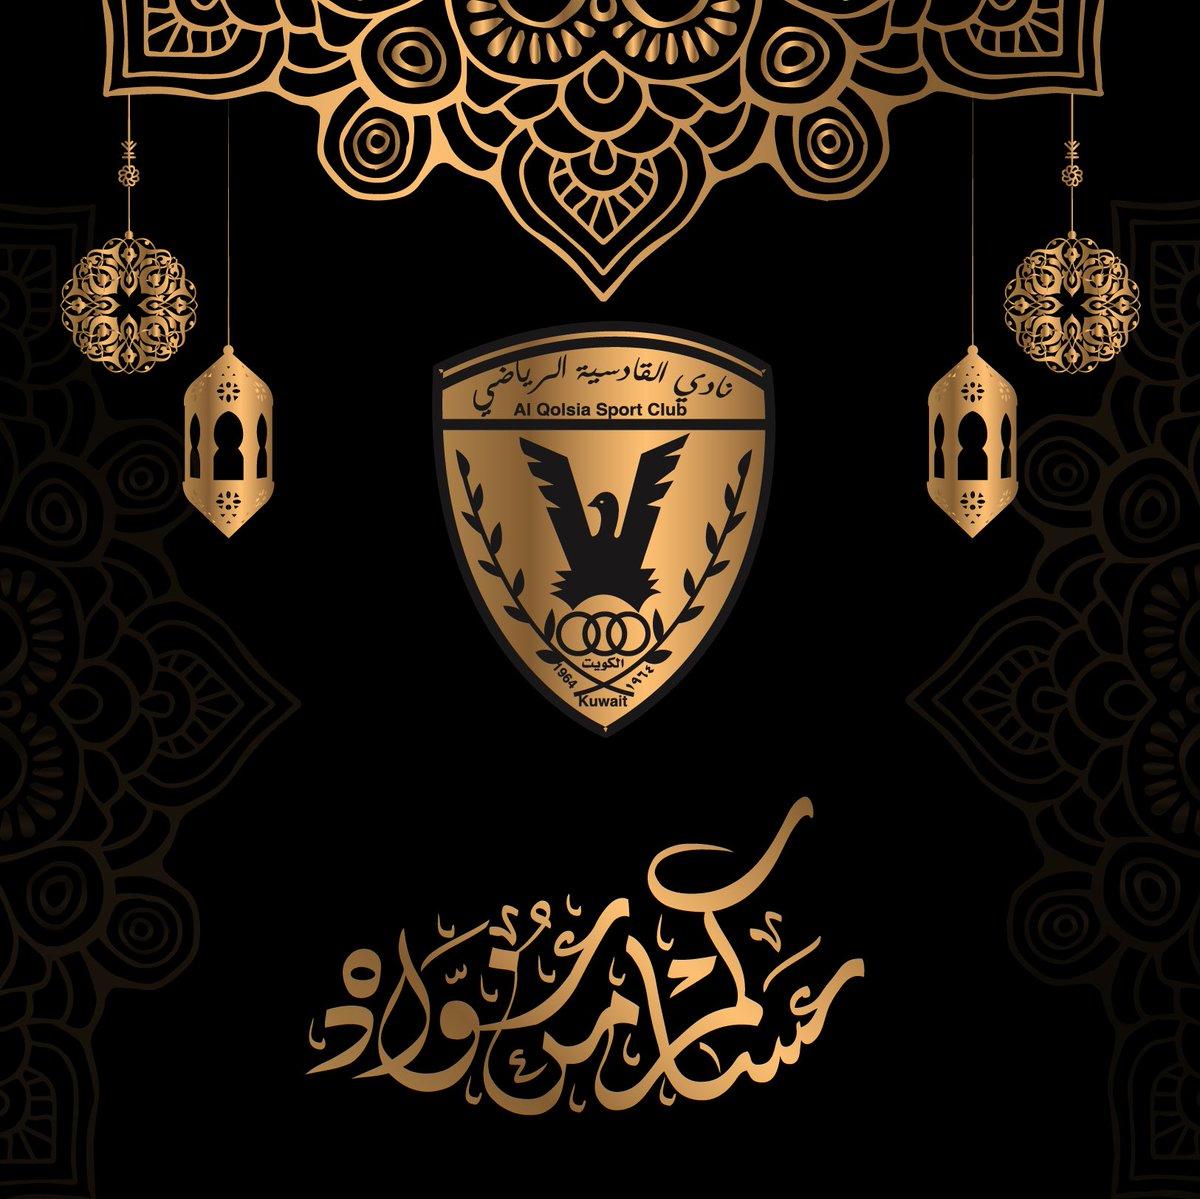 نادي القادسية الرياضي على تويتر مبارك عليكم شهر رمضان المبارك وعساكم من عواده